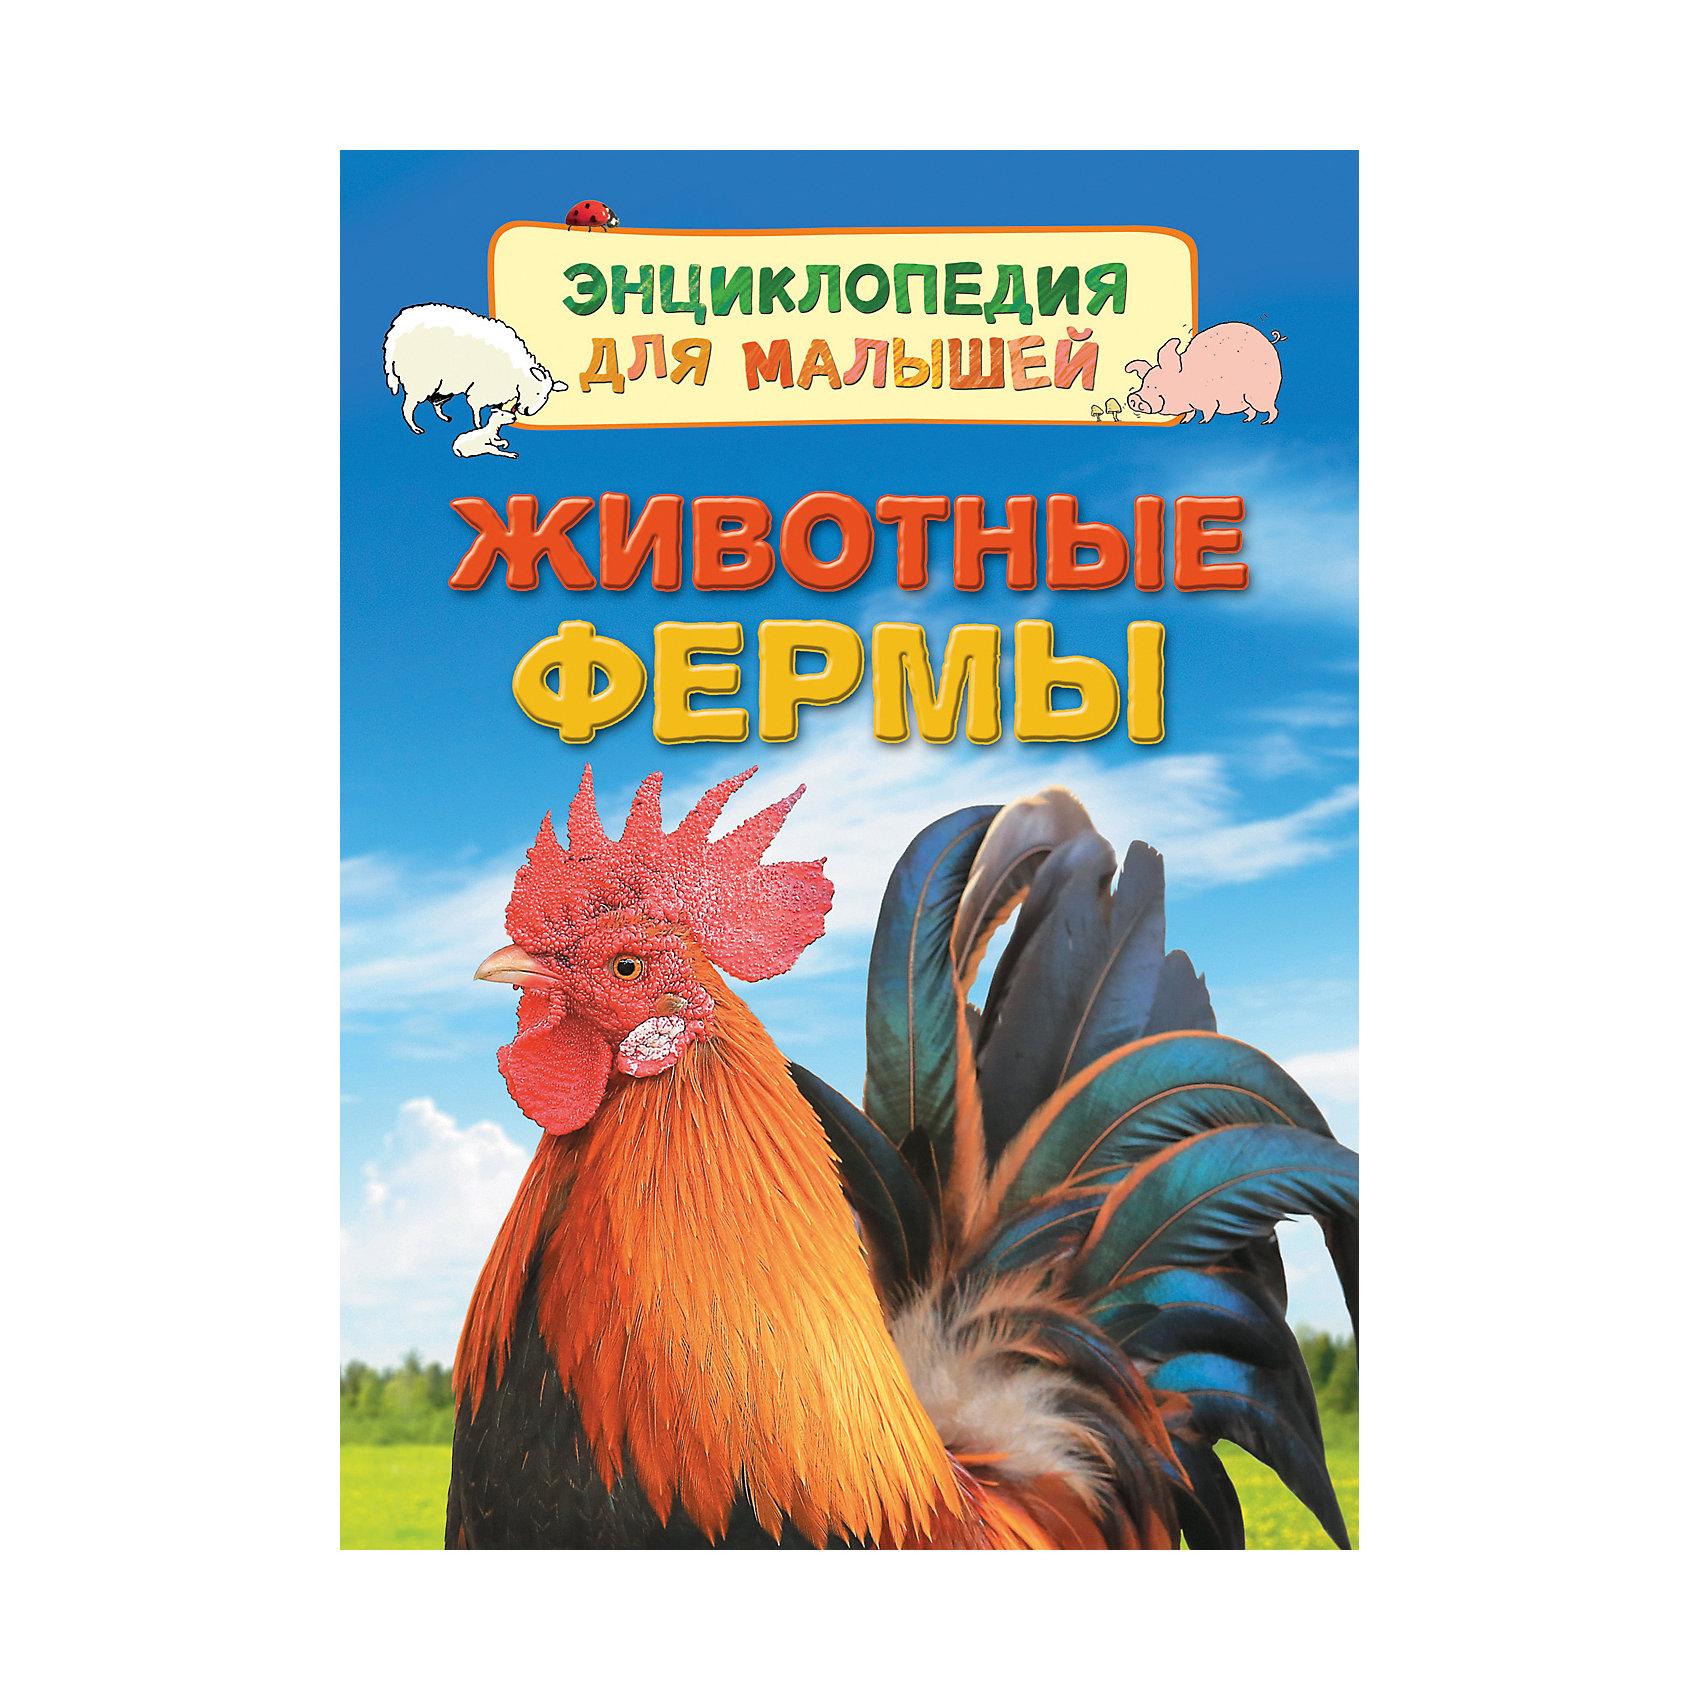 Энциклопедия для малышей Животные фермыЭнциклопедии о животных<br>В книге рассказывается о сельскохозяйственных животных. Маленькие читатели узнают, что такое ферма и с какой целью на ней разводят животных, как вылупляются цыплята, почему свиньи валяются в грязи, зачем стригут овец, надевают страусу колпак и подкладывают гусиные яйца курице.<br><br>Ширина мм: 220<br>Глубина мм: 167<br>Высота мм: 70<br>Вес г: 190<br>Возраст от месяцев: 36<br>Возраст до месяцев: 2147483647<br>Пол: Унисекс<br>Возраст: Детский<br>SKU: 5453589